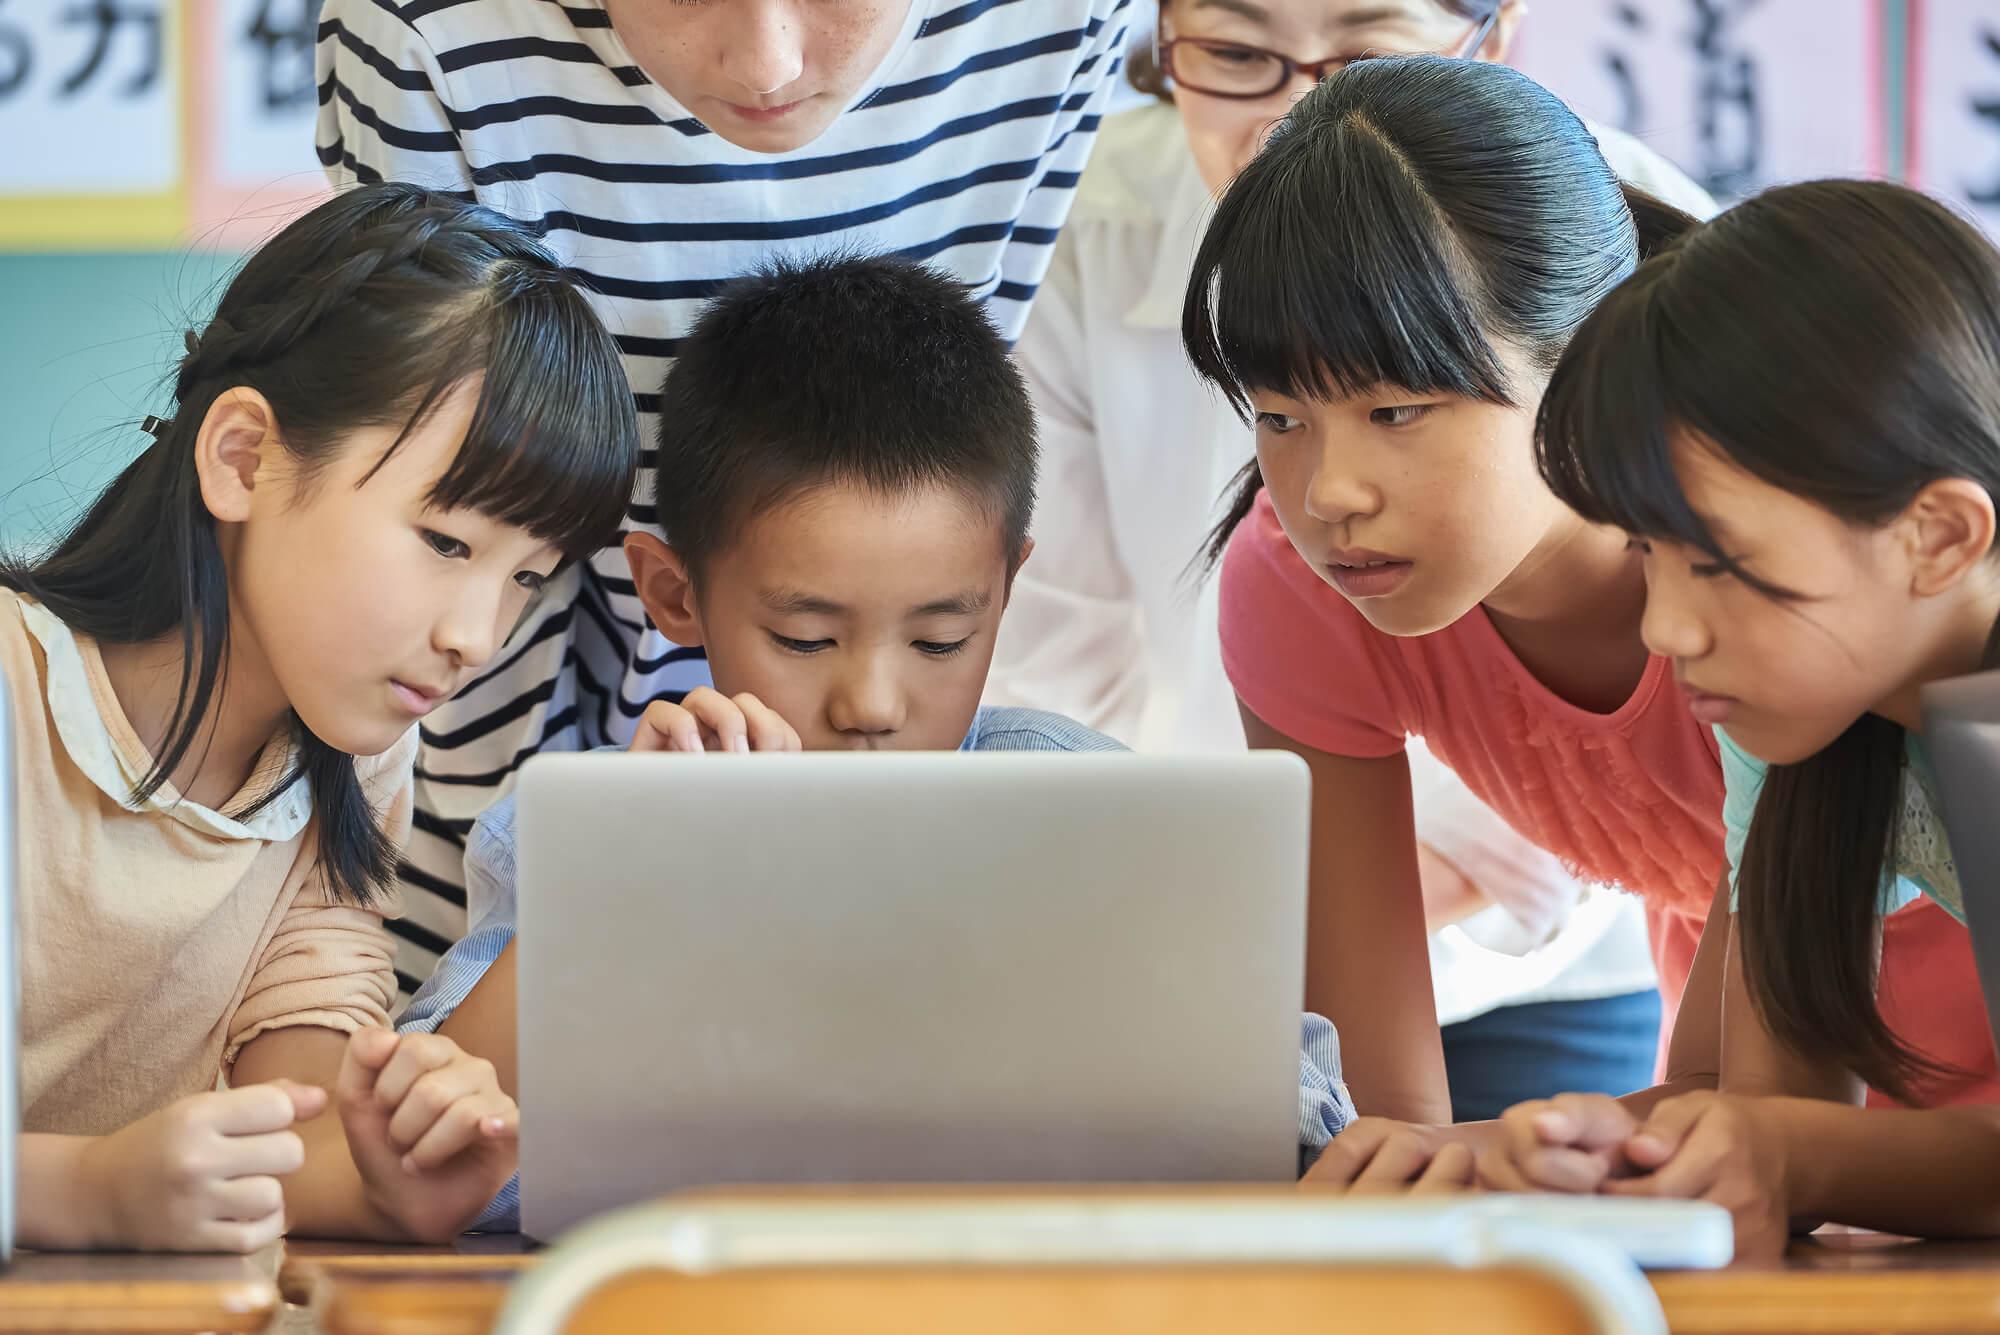 パソコンを使った授業を受ける子ども